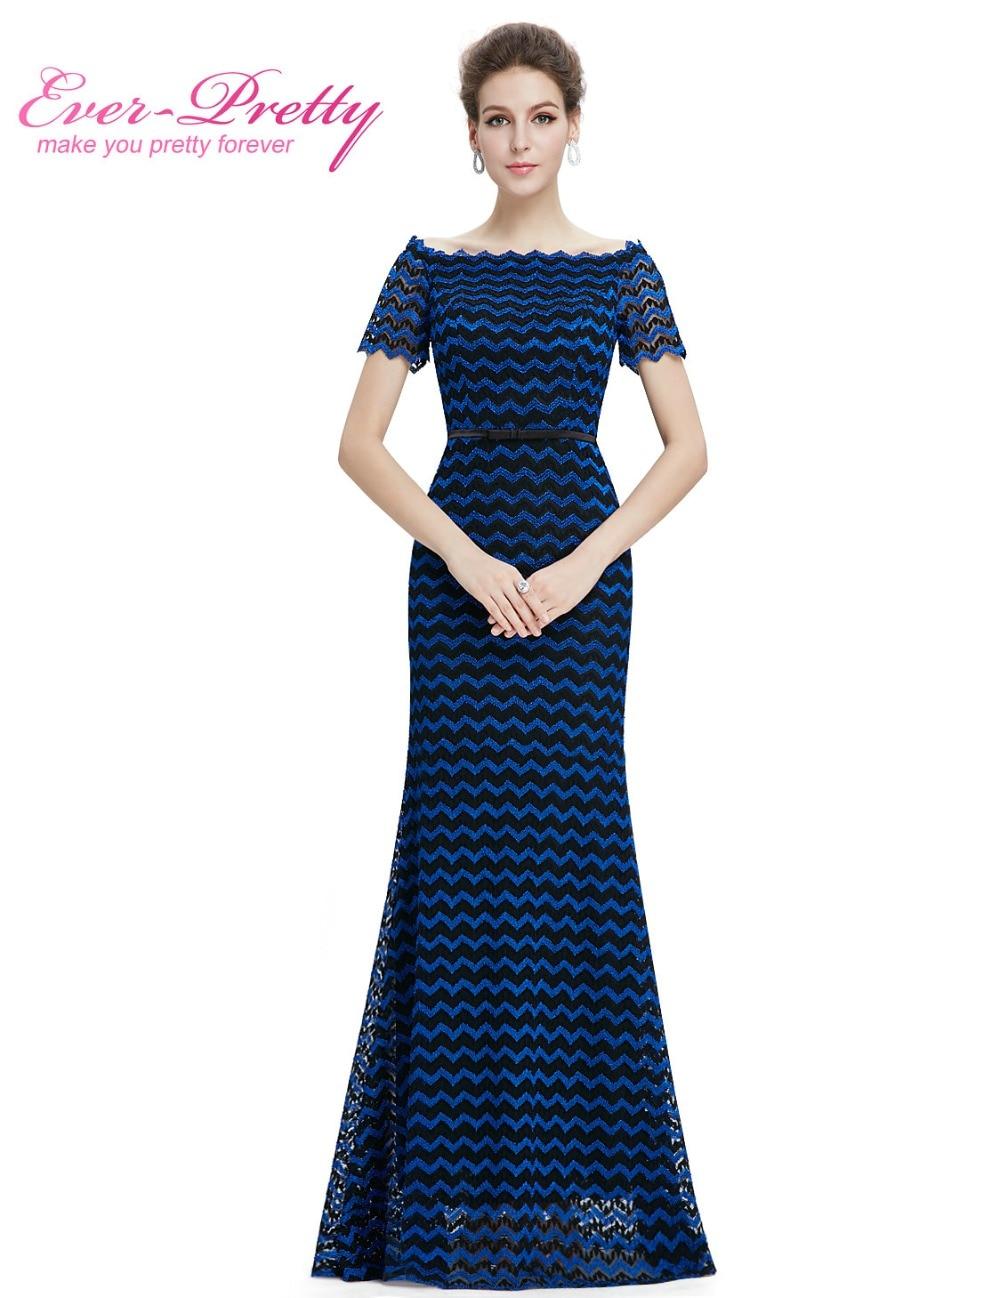 Lengan pendek elegan wanita cantik-cantik EP08799BB unik reka bentuk v-leher ibu parti gaun pengantin 2018 pakaian majlis